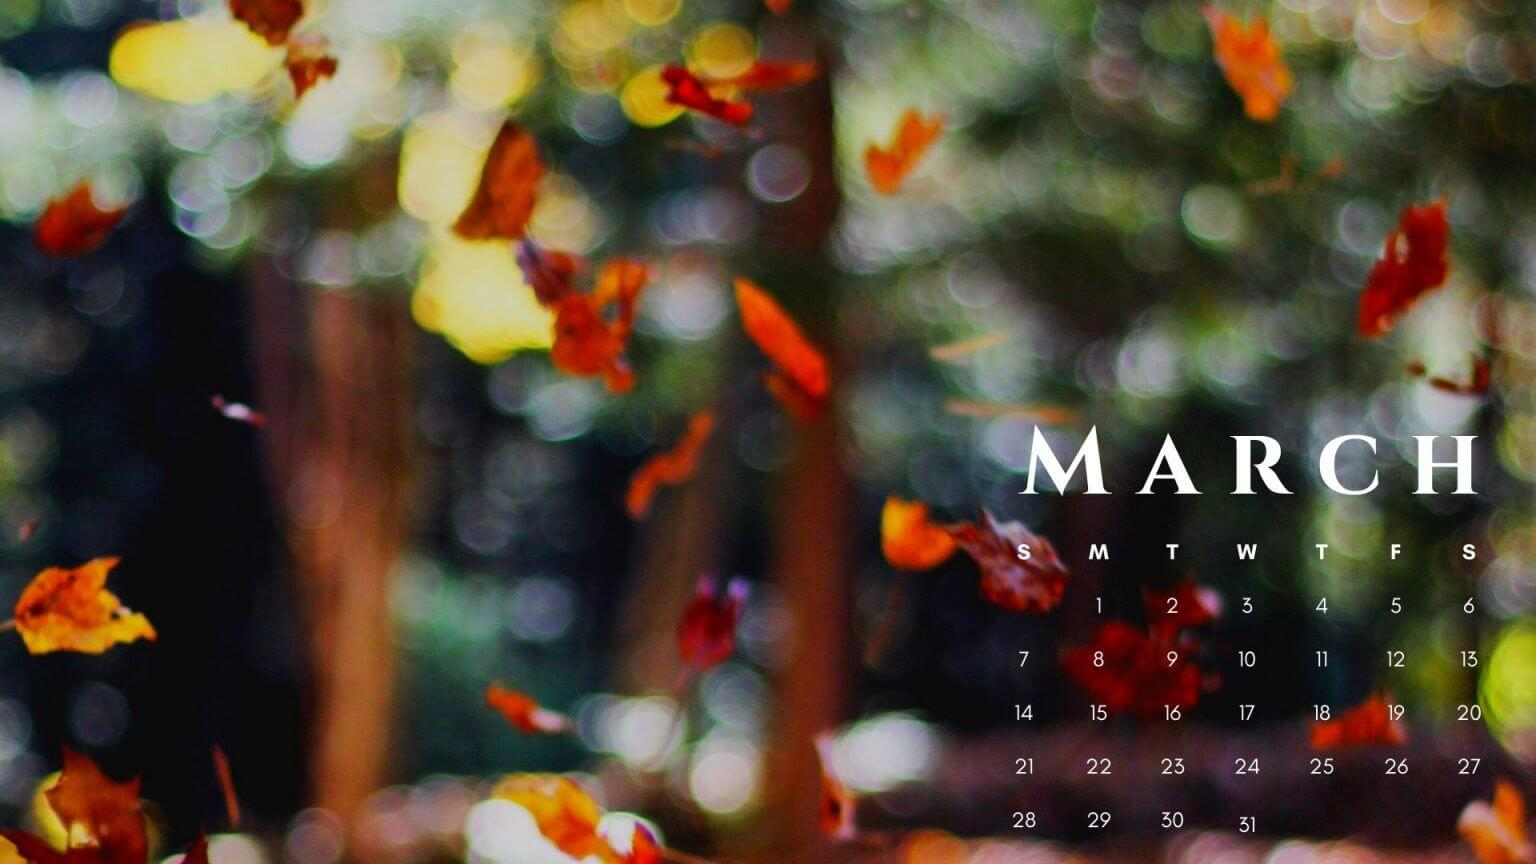 March 2021 Calendar HD Wallpaper